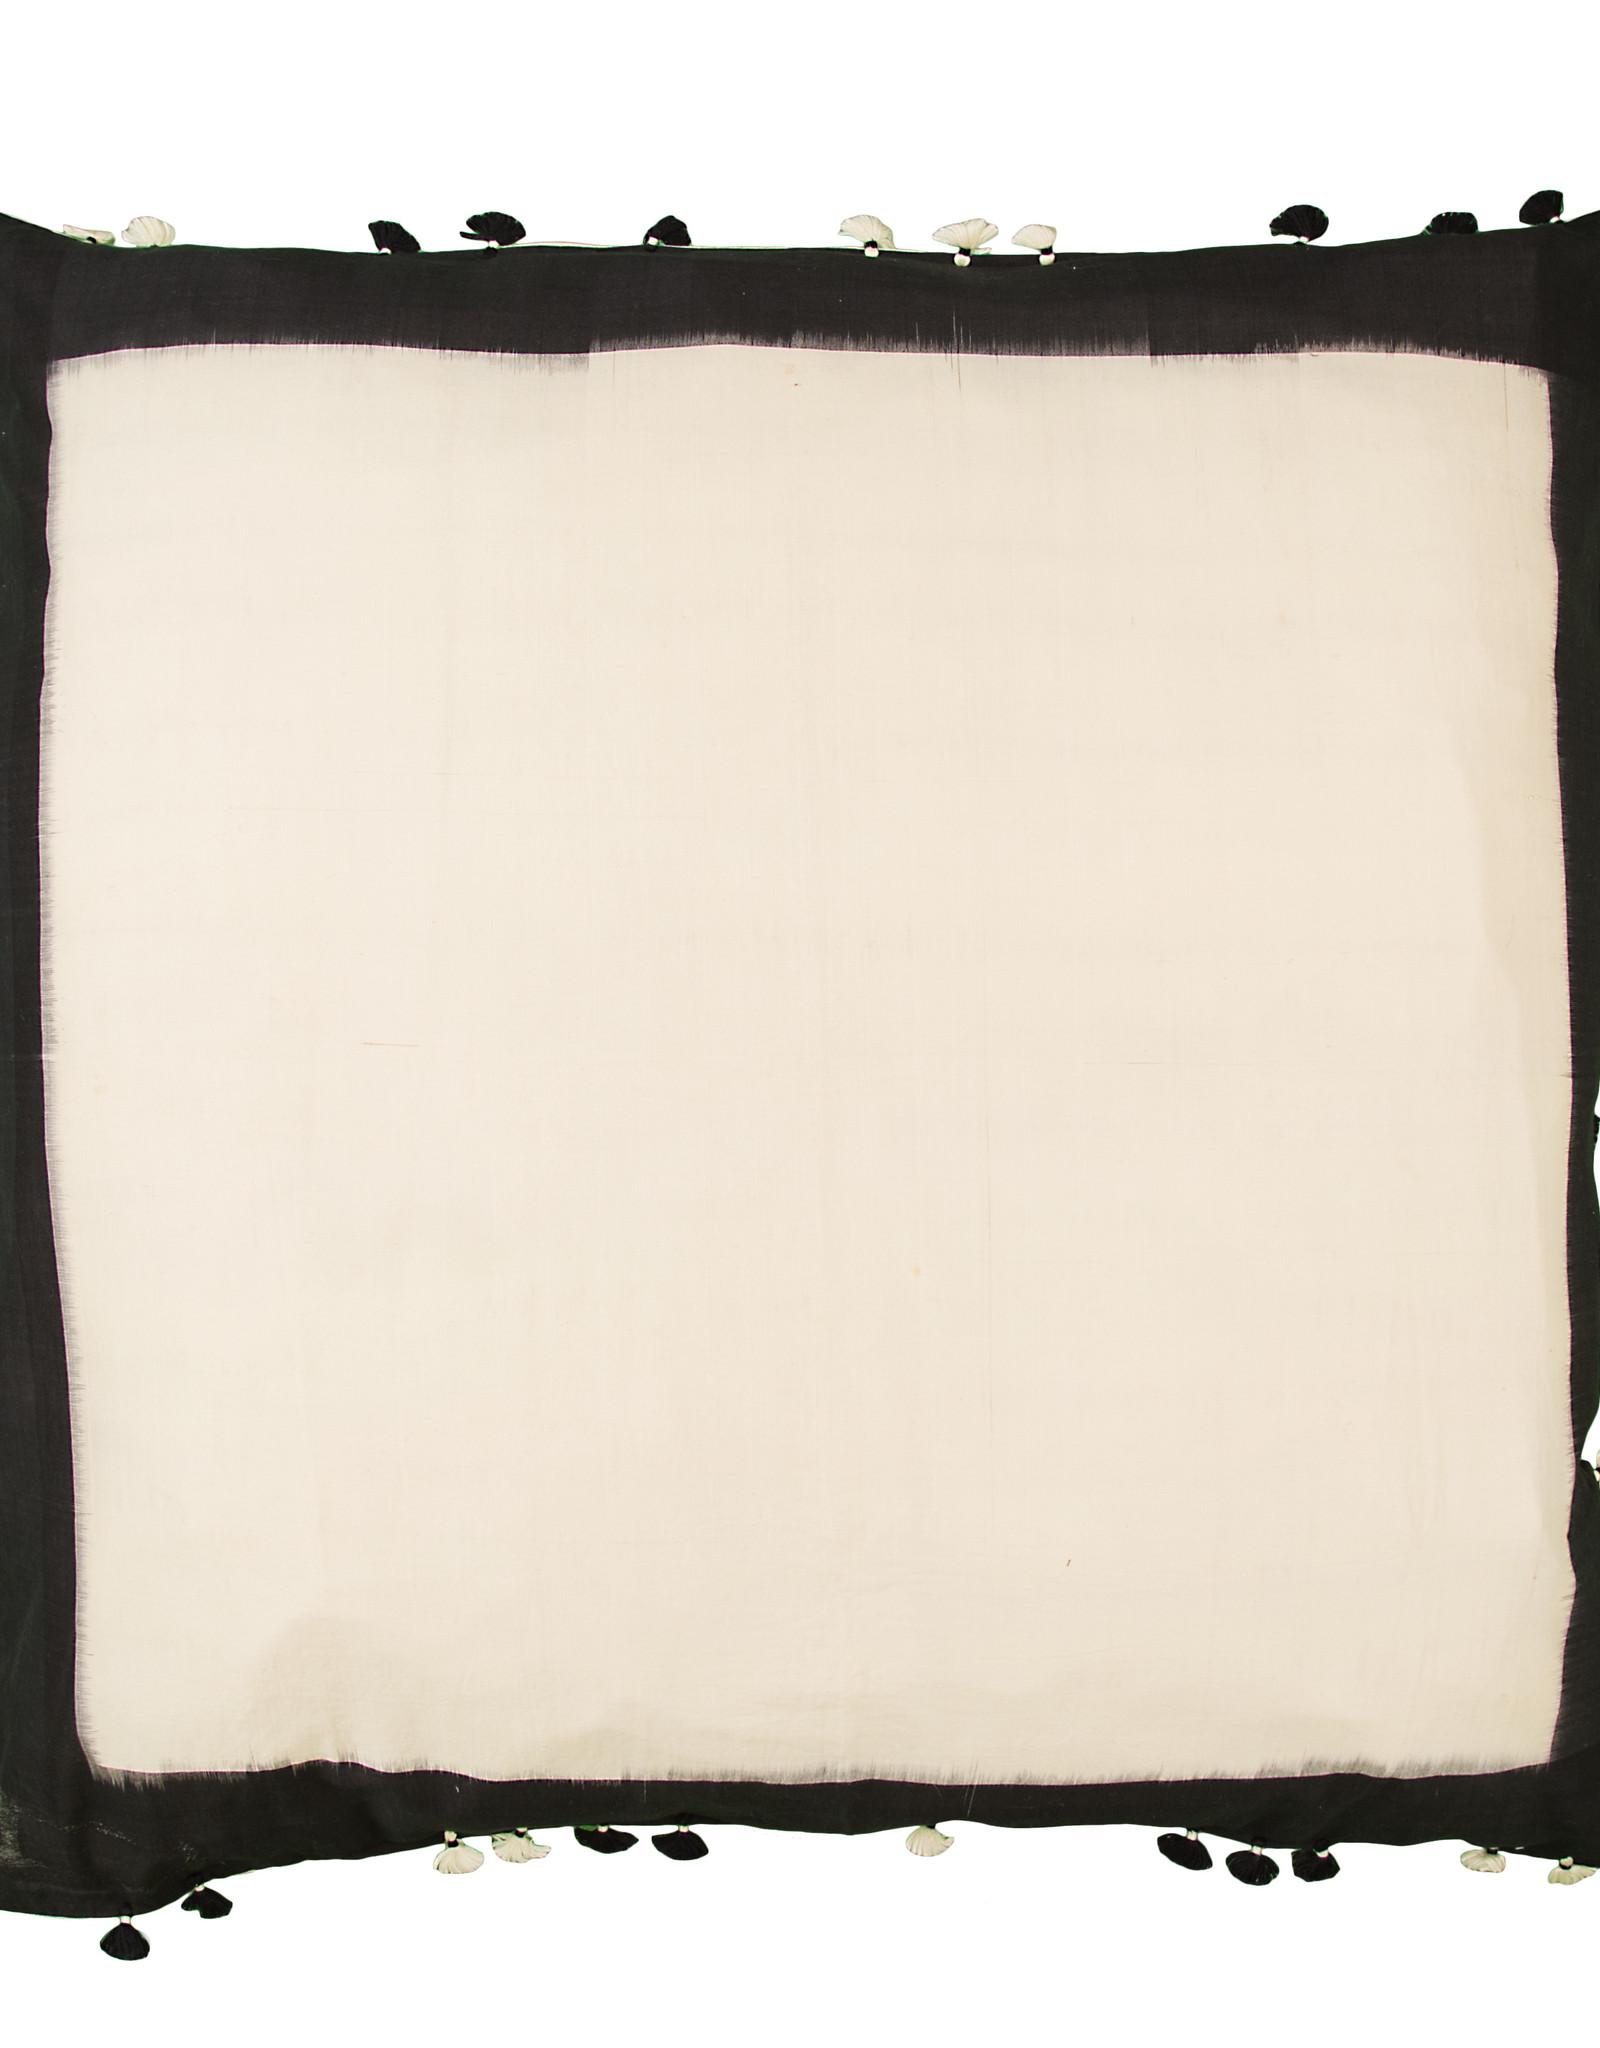 INJIRI Rebari 43 Cushion Cover